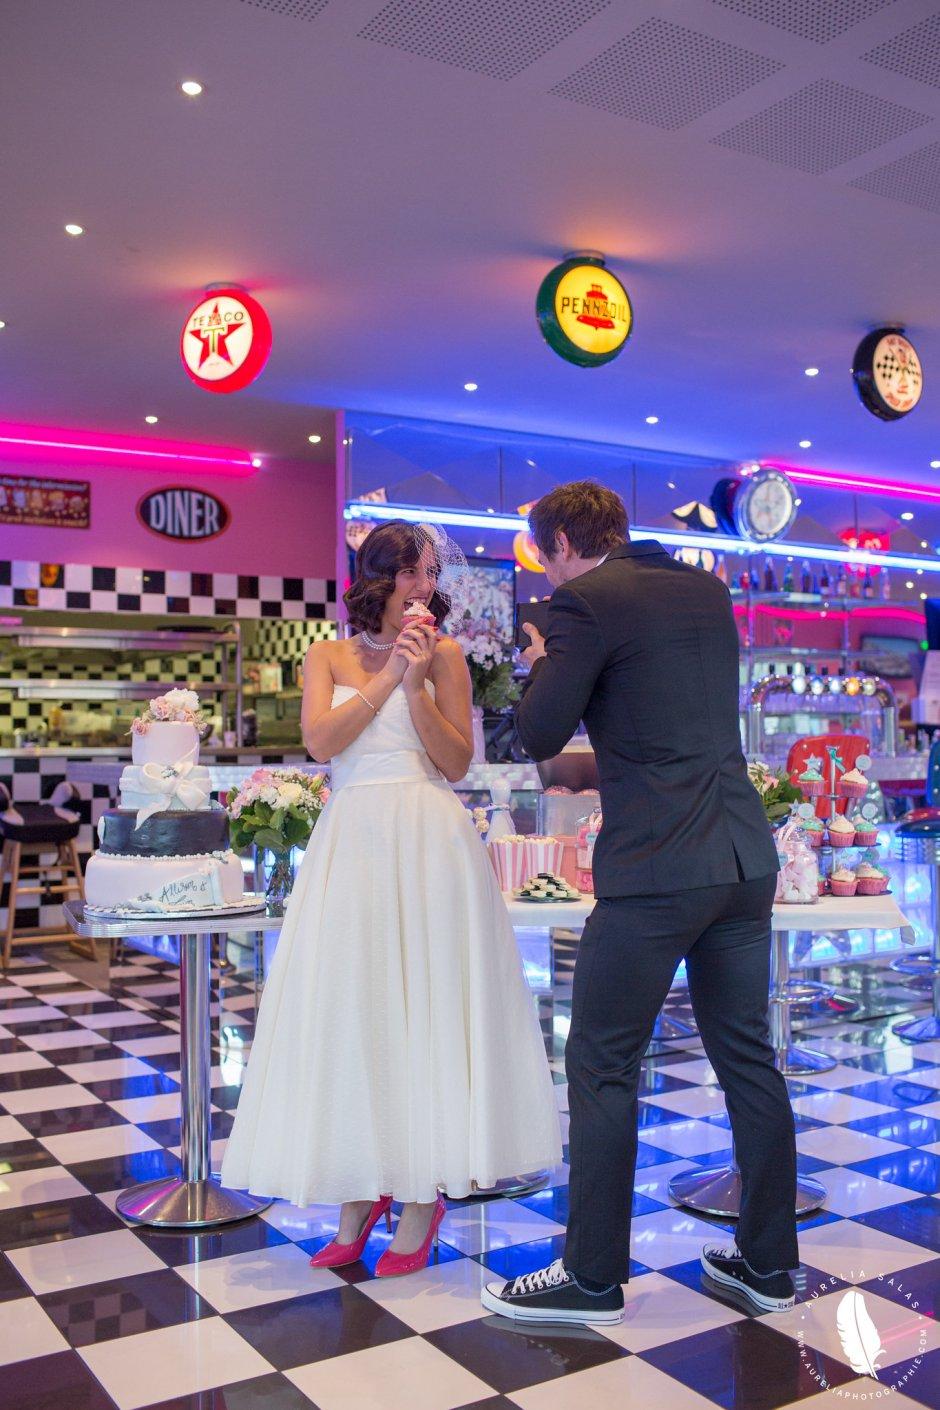 mariage-retro-fifties-la-blogueuse-mariage-52